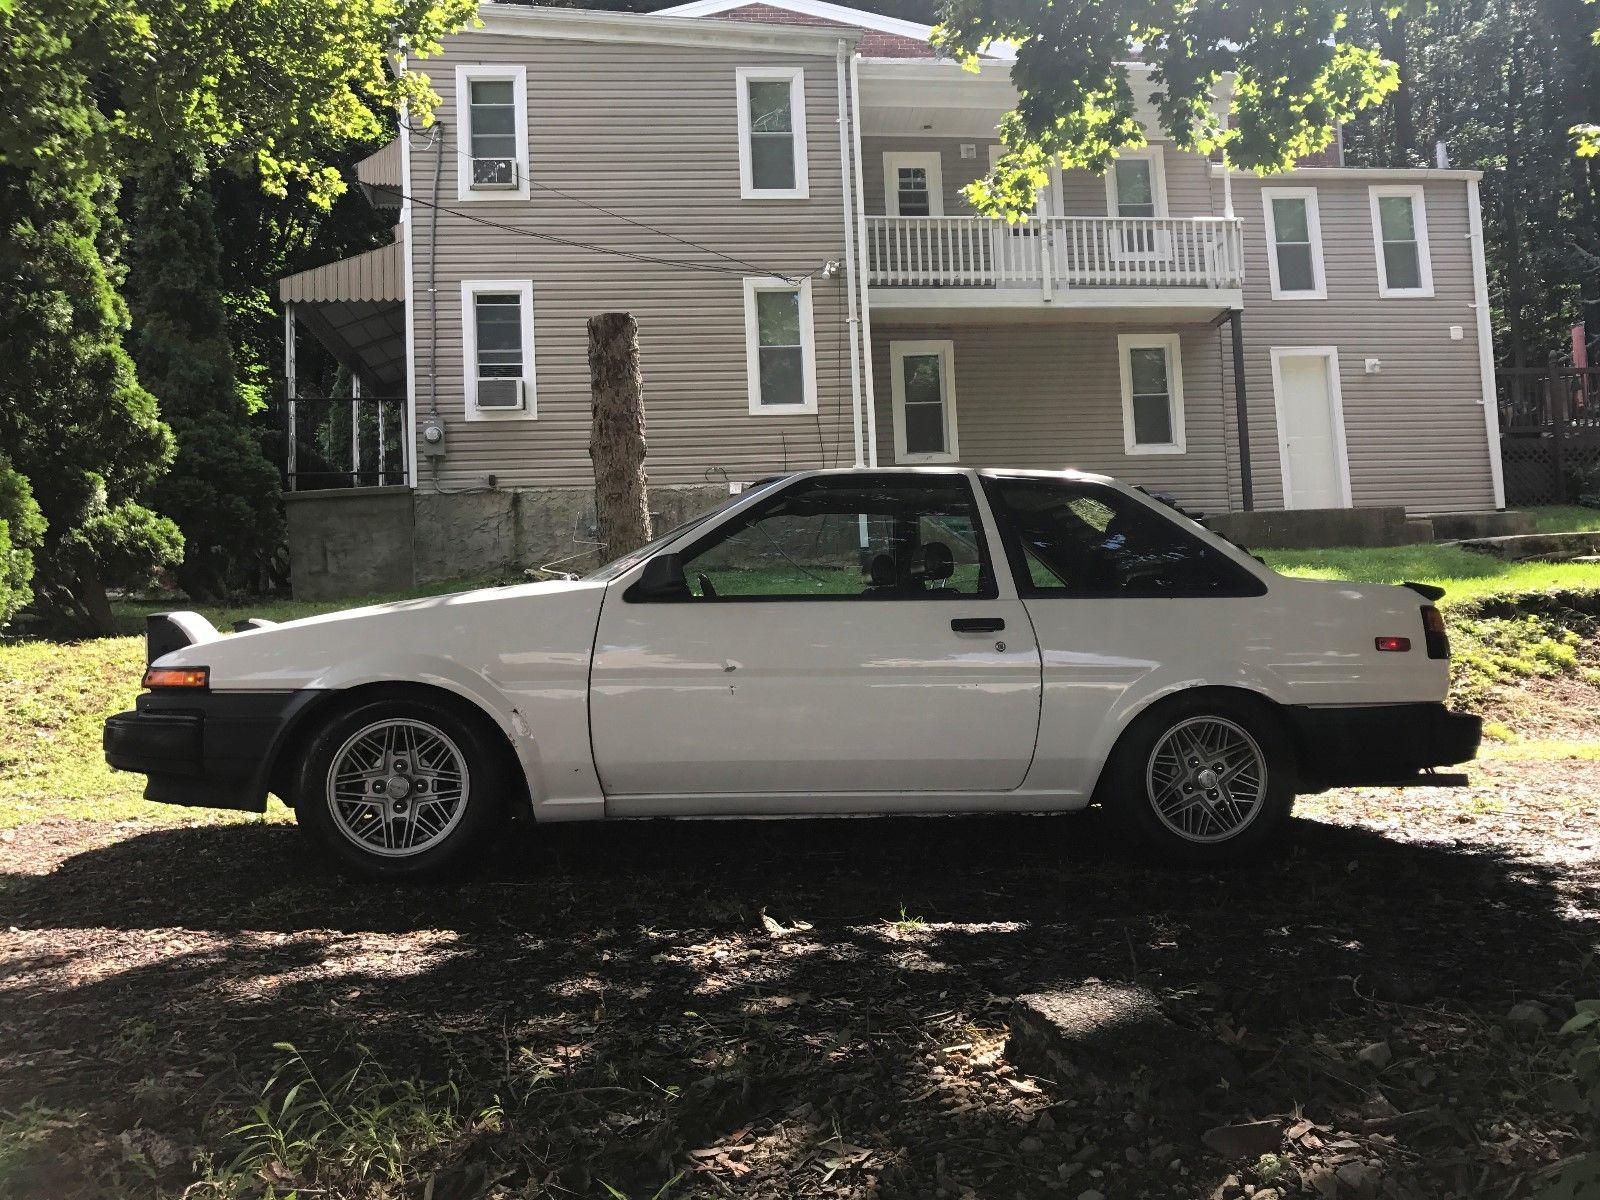 cool amazing 1986 toyota corolla sr5 1986 toyota corolla sr5 ae86 rh pinterest com 1987 Toyota Corolla 1986 Toyota Corolla Hatchback